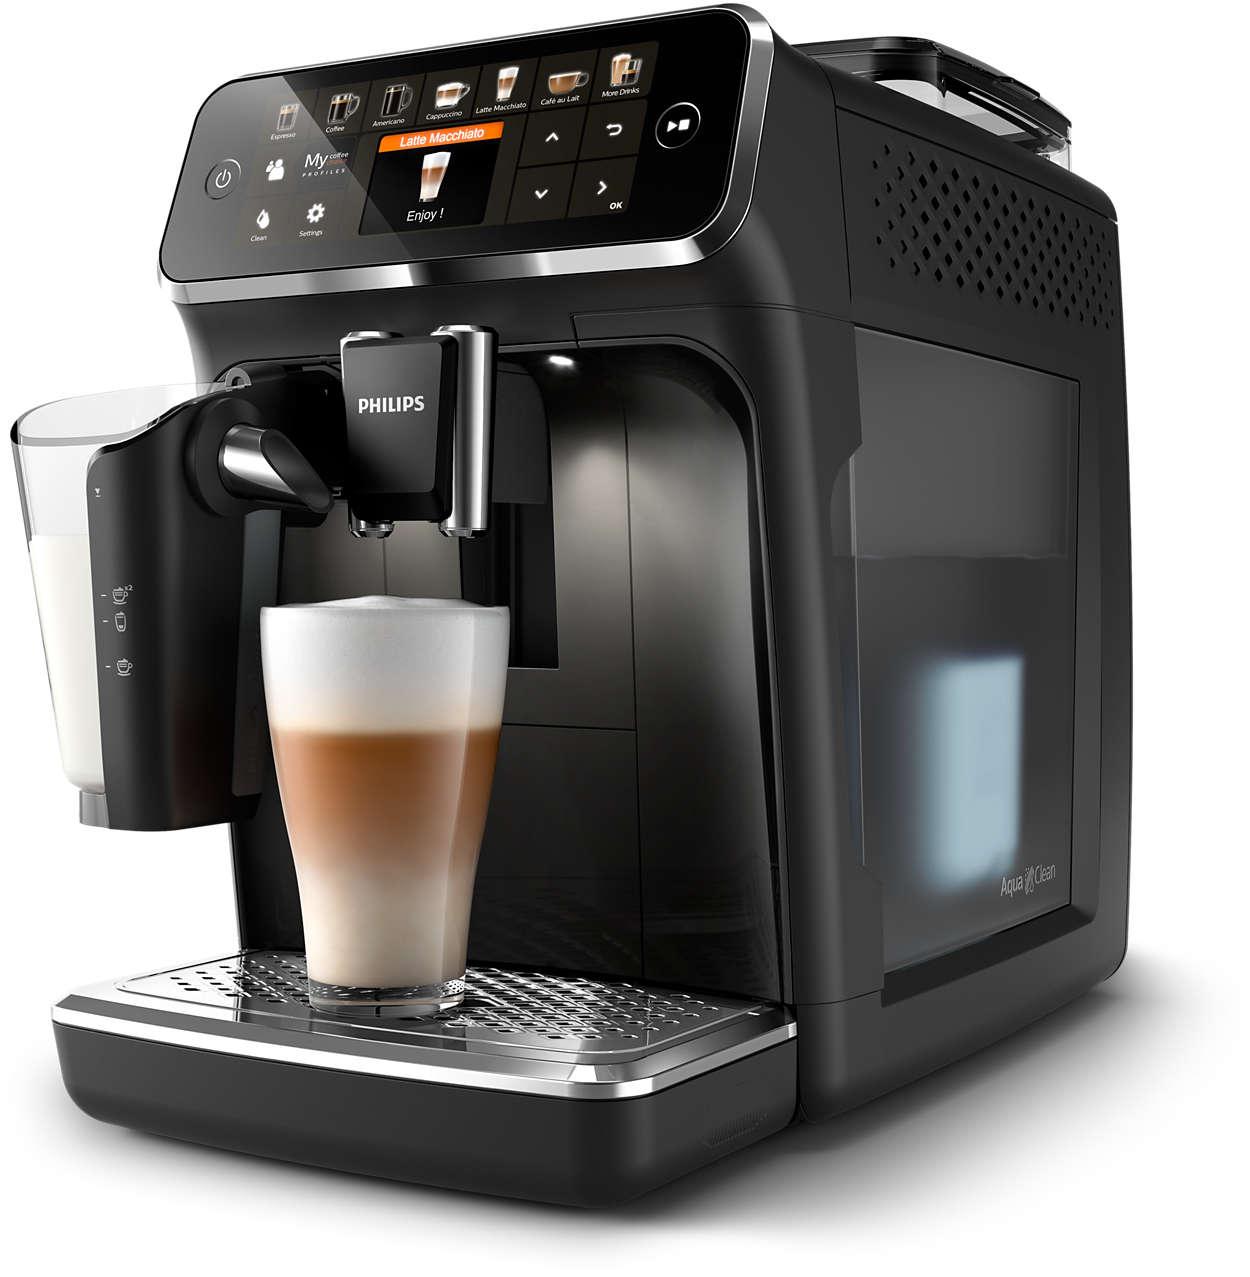 12 finom kávéváltozat friss kávészemekből – könnyedén